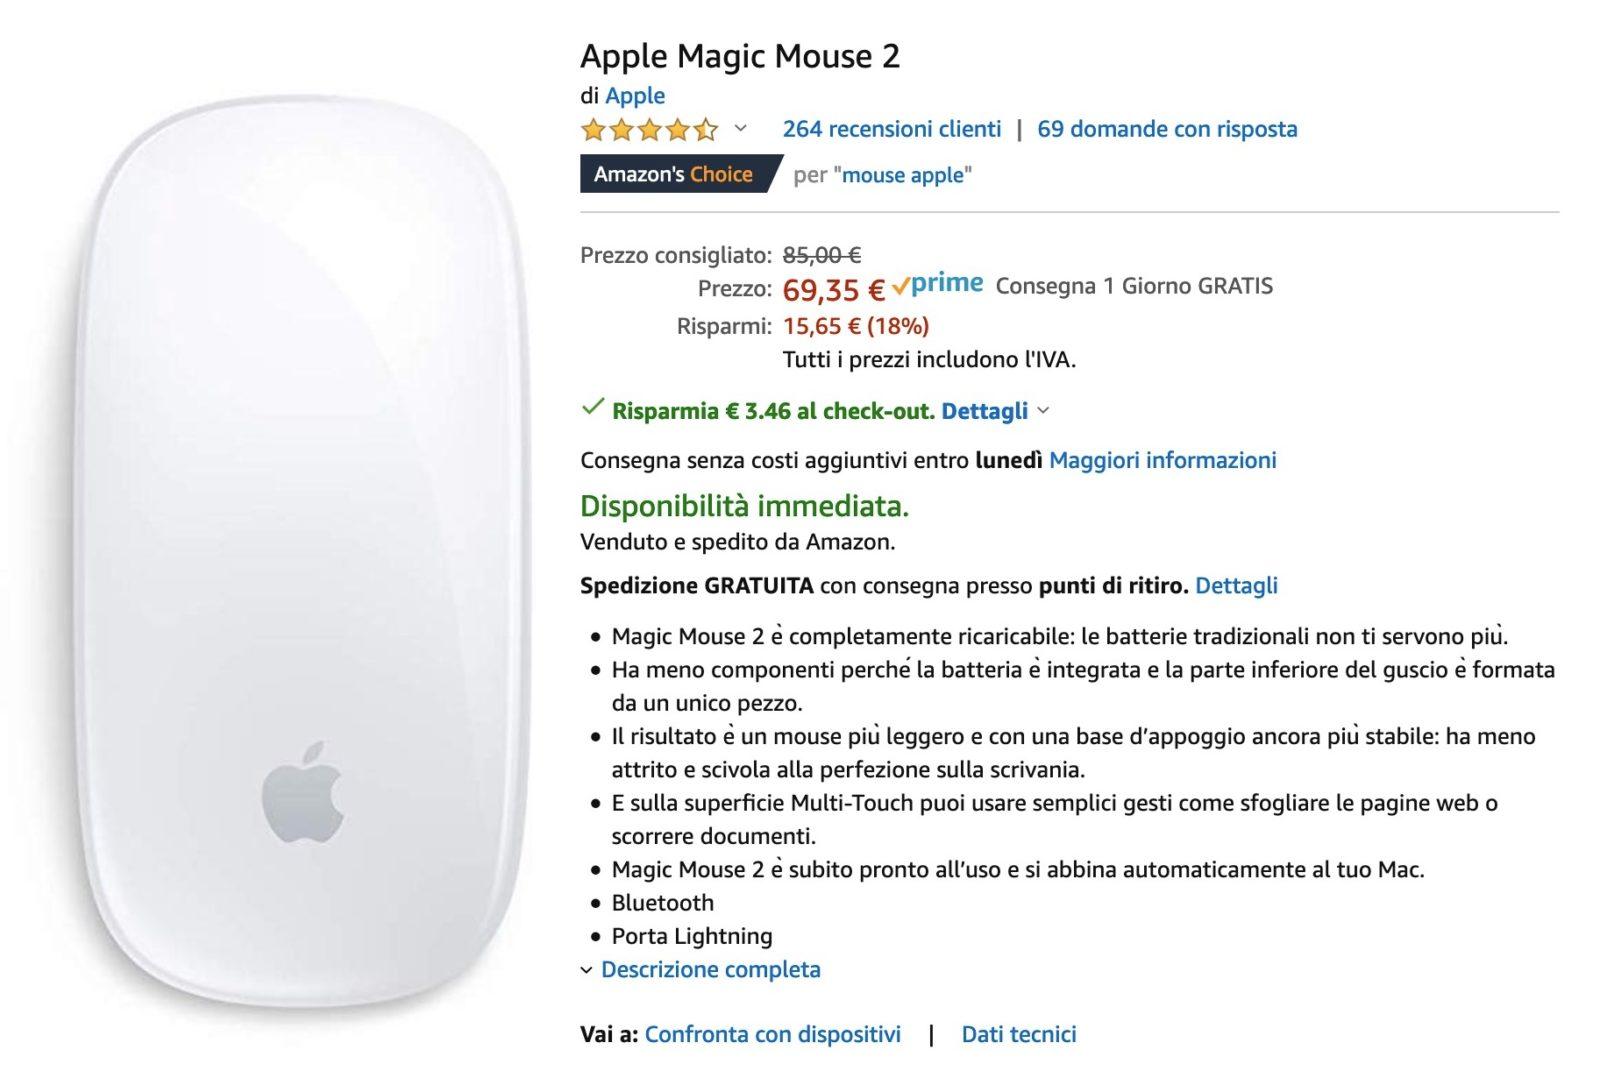 Magic Mouse 2 al prezzo più basso su Amazon: 65,88€